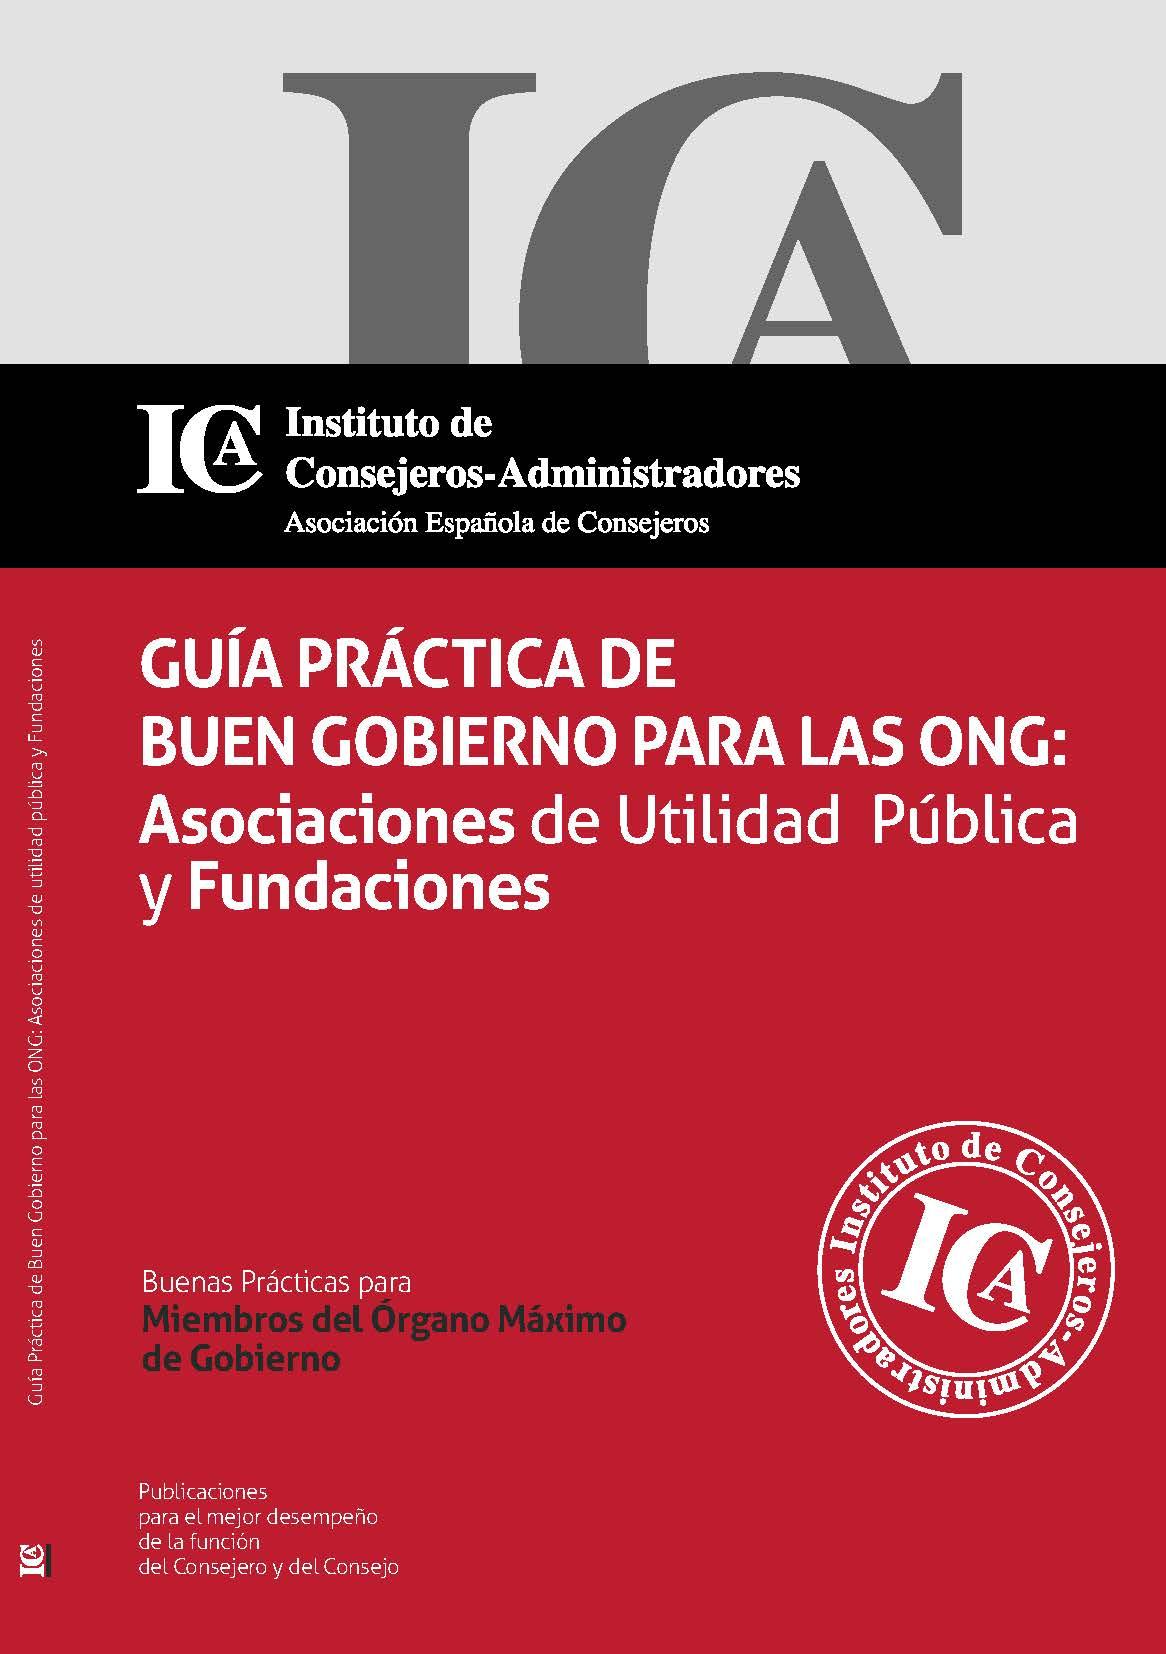 Guía Práctica de Buen Gobierno para las ONG: Asociaciones de Utilidad Pública y Fundaciones